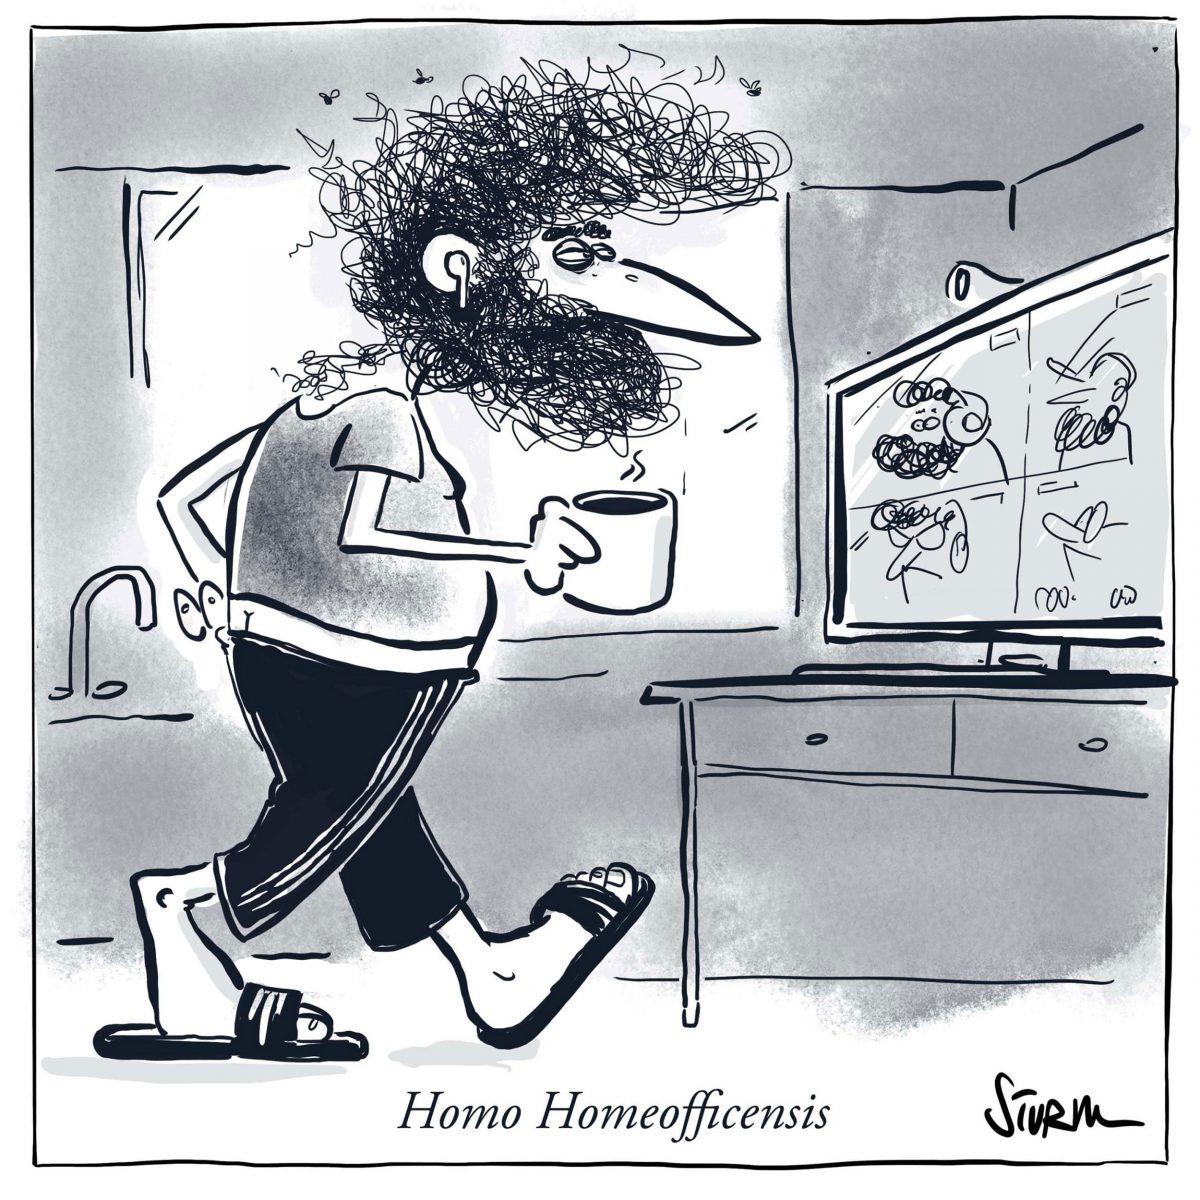 Im Frühjahr 2020 entwickelte sich der Homo Homeofficensis als nächster Verwandter des Homo Sapiens. Cartoon von Philipp Sturm